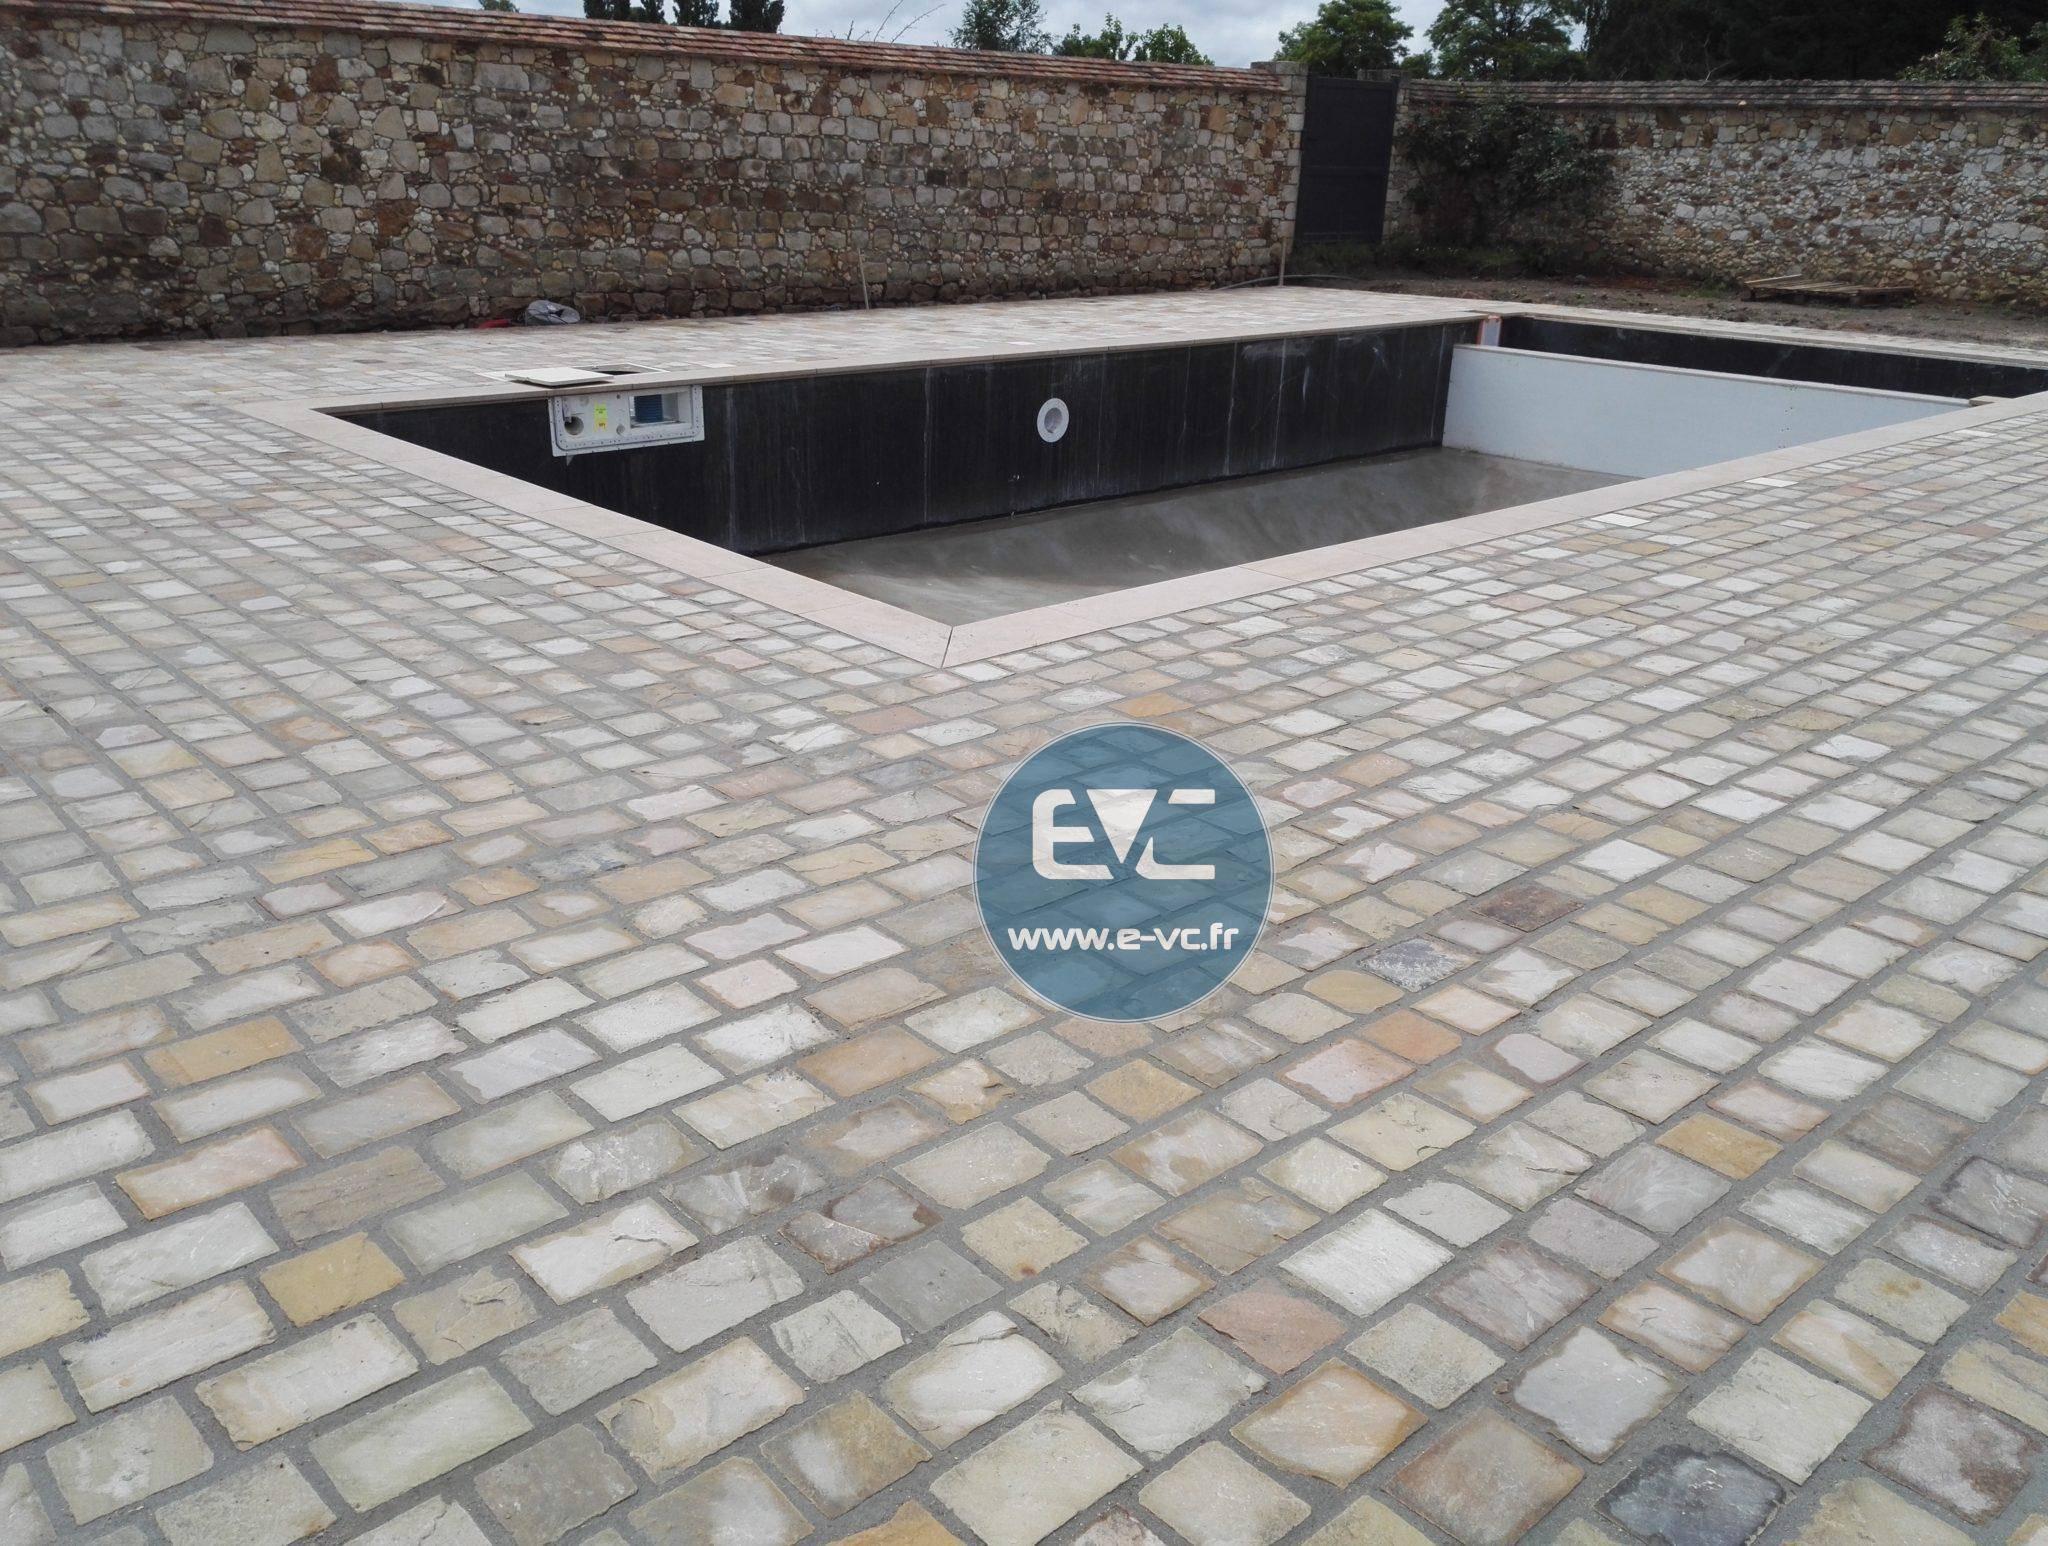 Comment Nettoyer Terrasse Pierre Naturelle barbizon: aménagement d'une piscine en pierre naturelle - evc